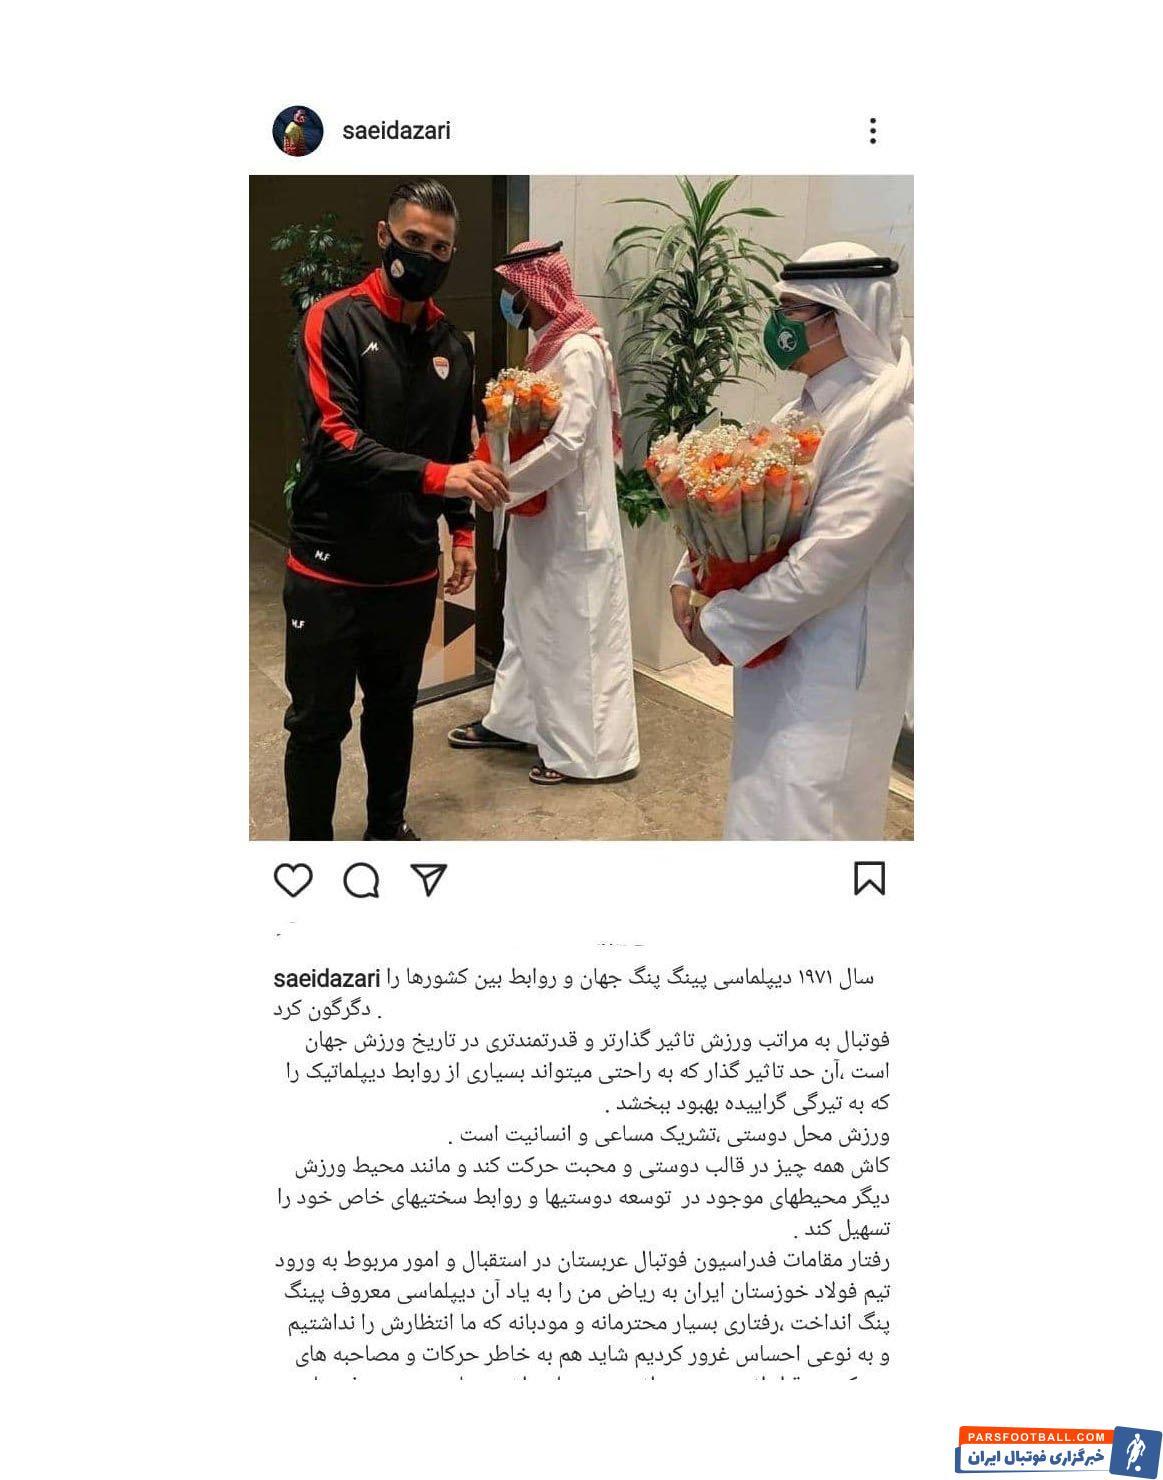 سعید آذری مدیرعامل باشگاه فولاد از رفتار محترمانه و مودبانه مقامات عربستانی در فرودگاه ریاض، تشکر کرد.